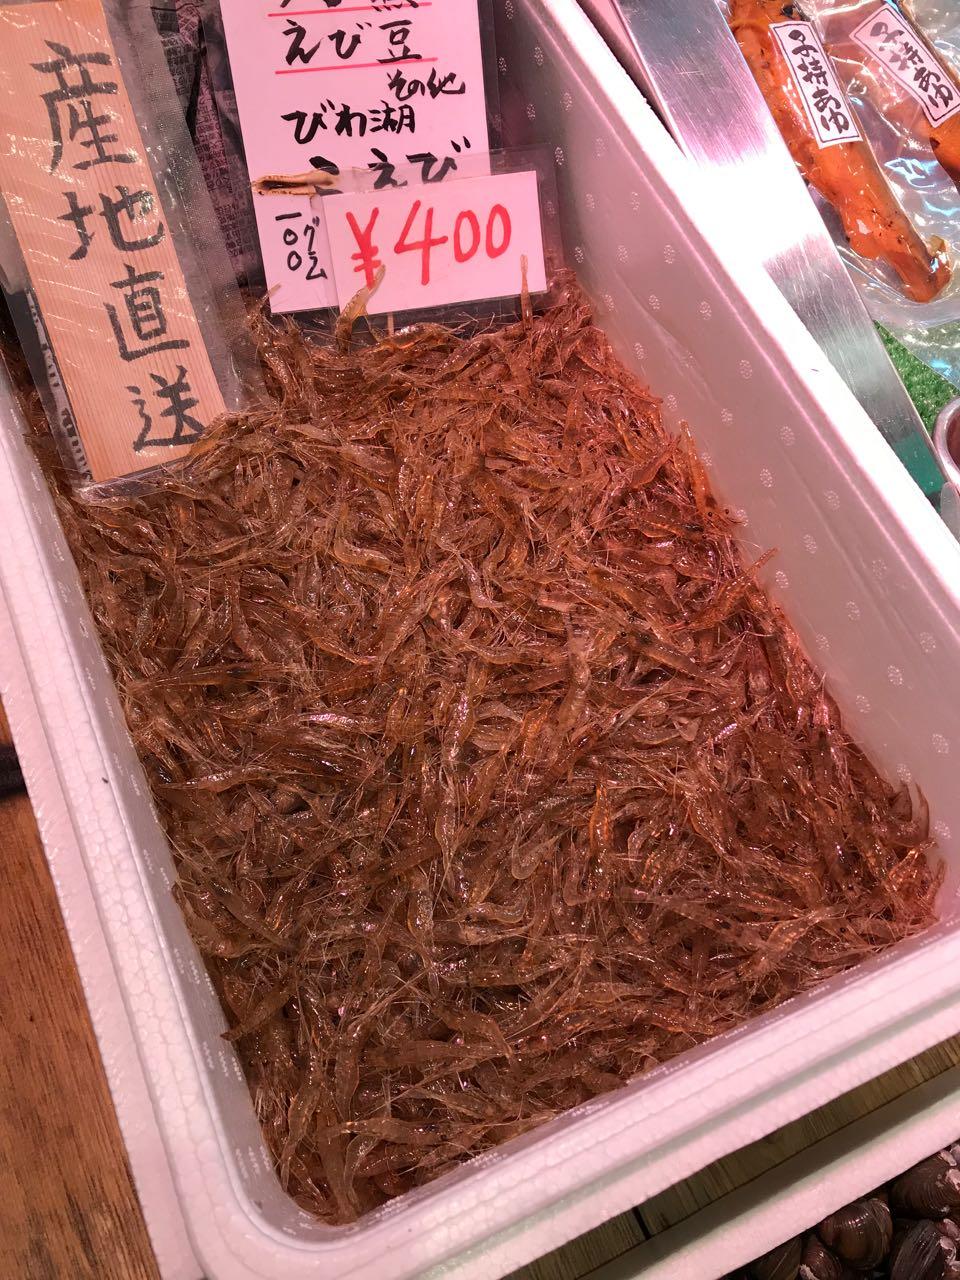 tiny shrimps.jpg